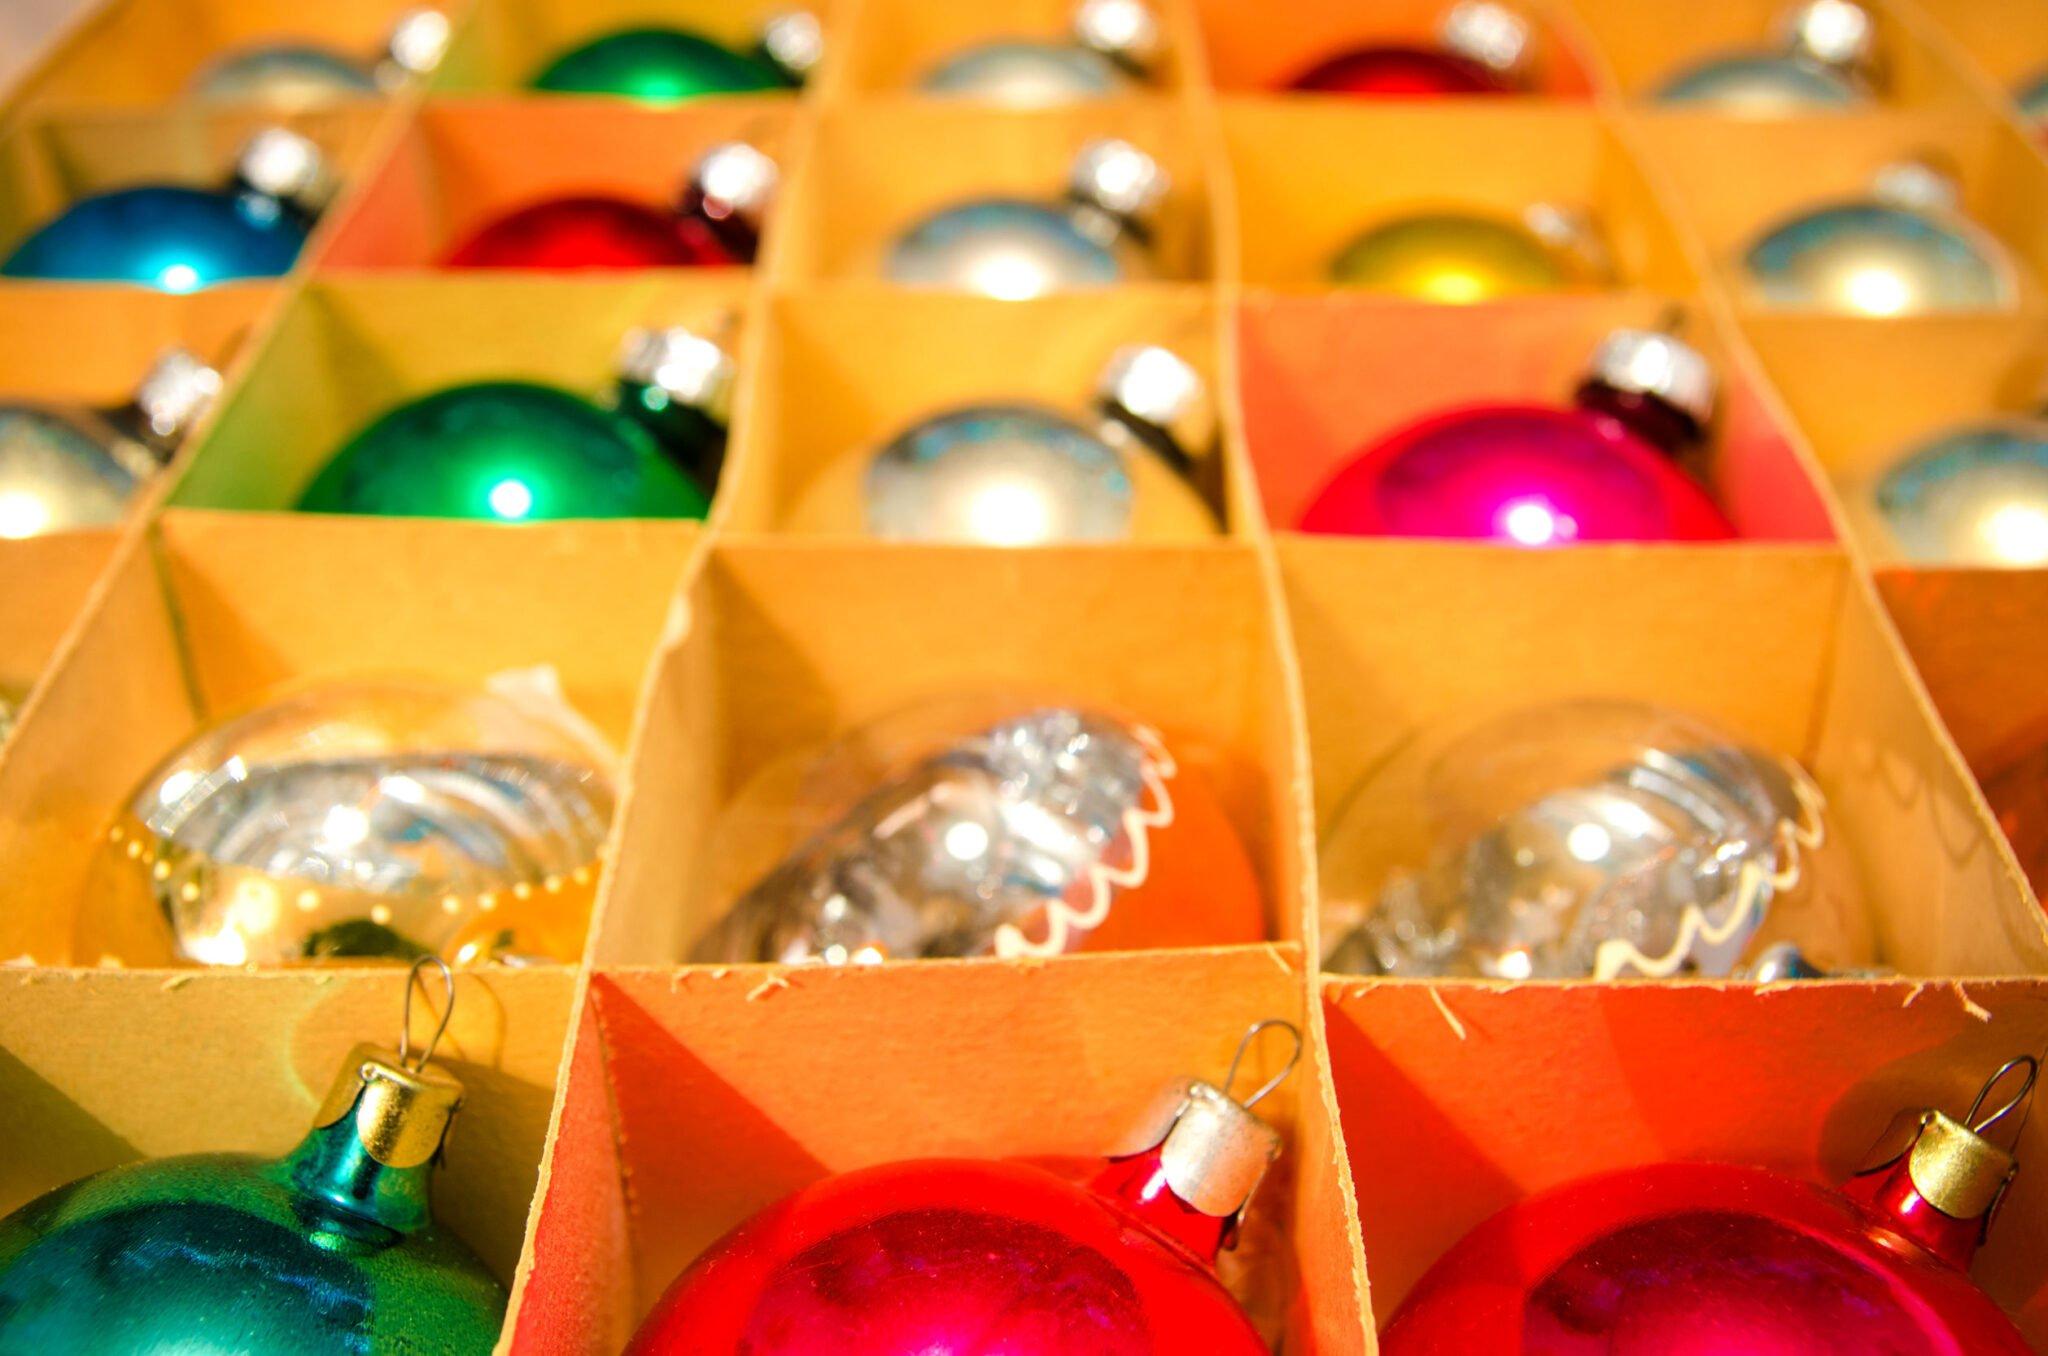 Kerstspullen organiseren; kerstverlichting handig opbergen & opbergbox voor kerstballen - Mamaliefde.nl